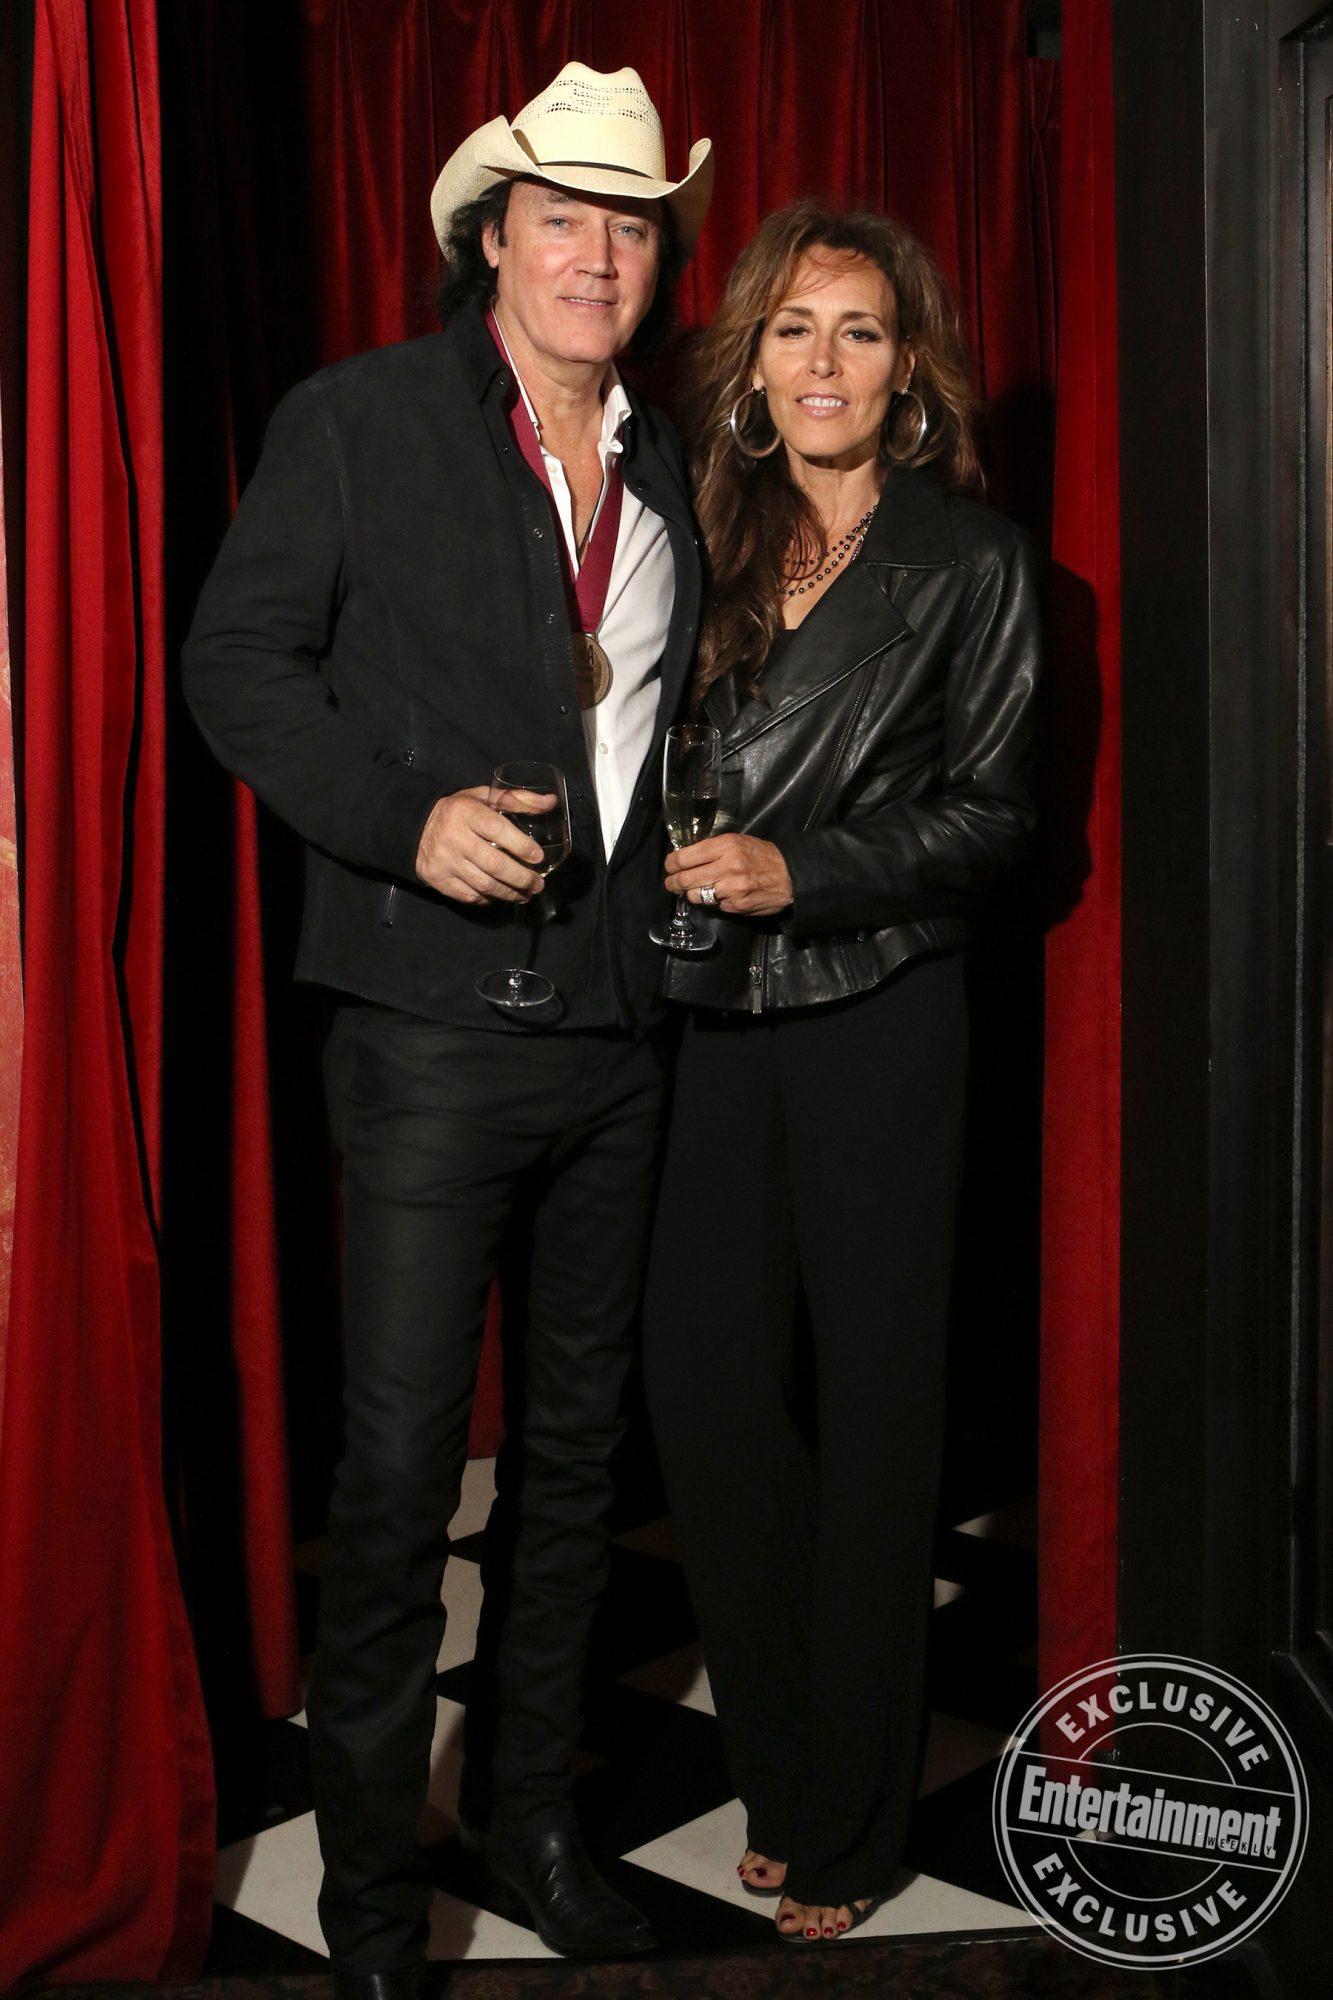 David-Lee-Murphy-with-wife-Donna-Murphy-by-Jamie-Schramm